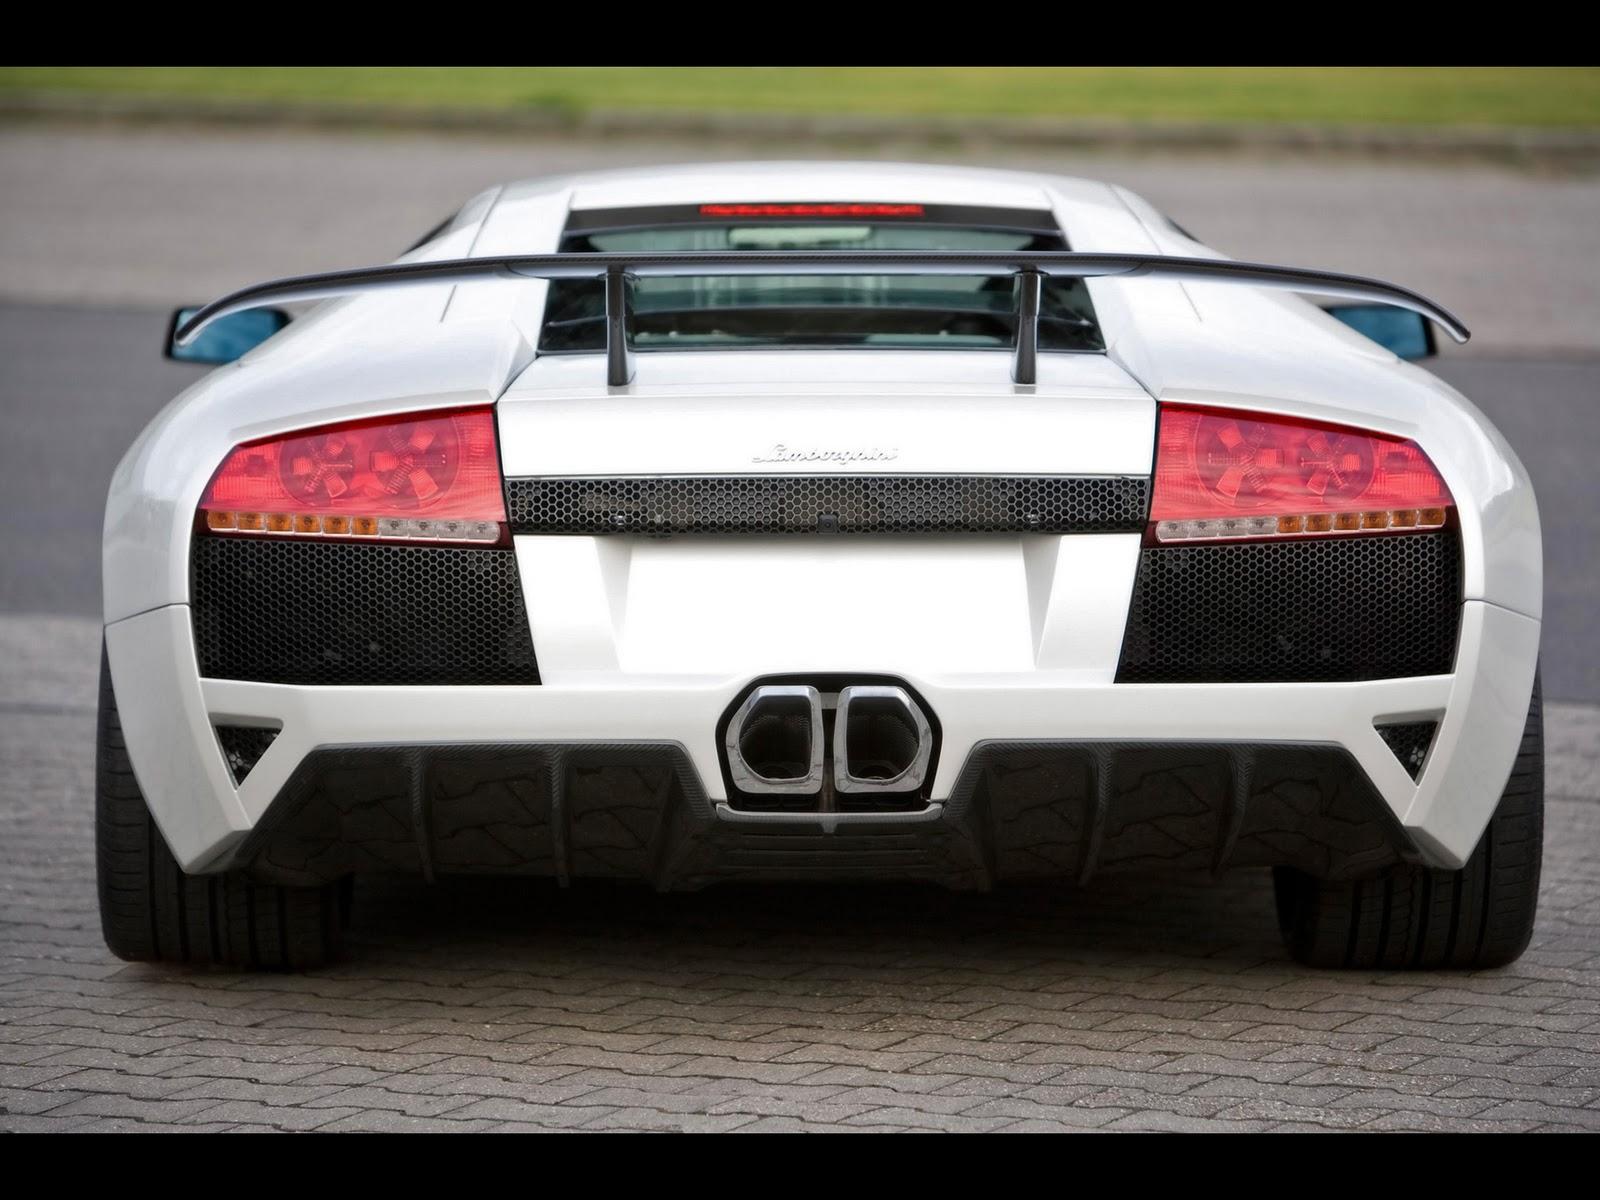 https://1.bp.blogspot.com/_7XKM5uAPfD8/THgkJaH6BkI/AAAAAAAAAG8/VtEnC4dQL7E/s1600/Lamborghini%2BMurcielago%2BGTR.jpg